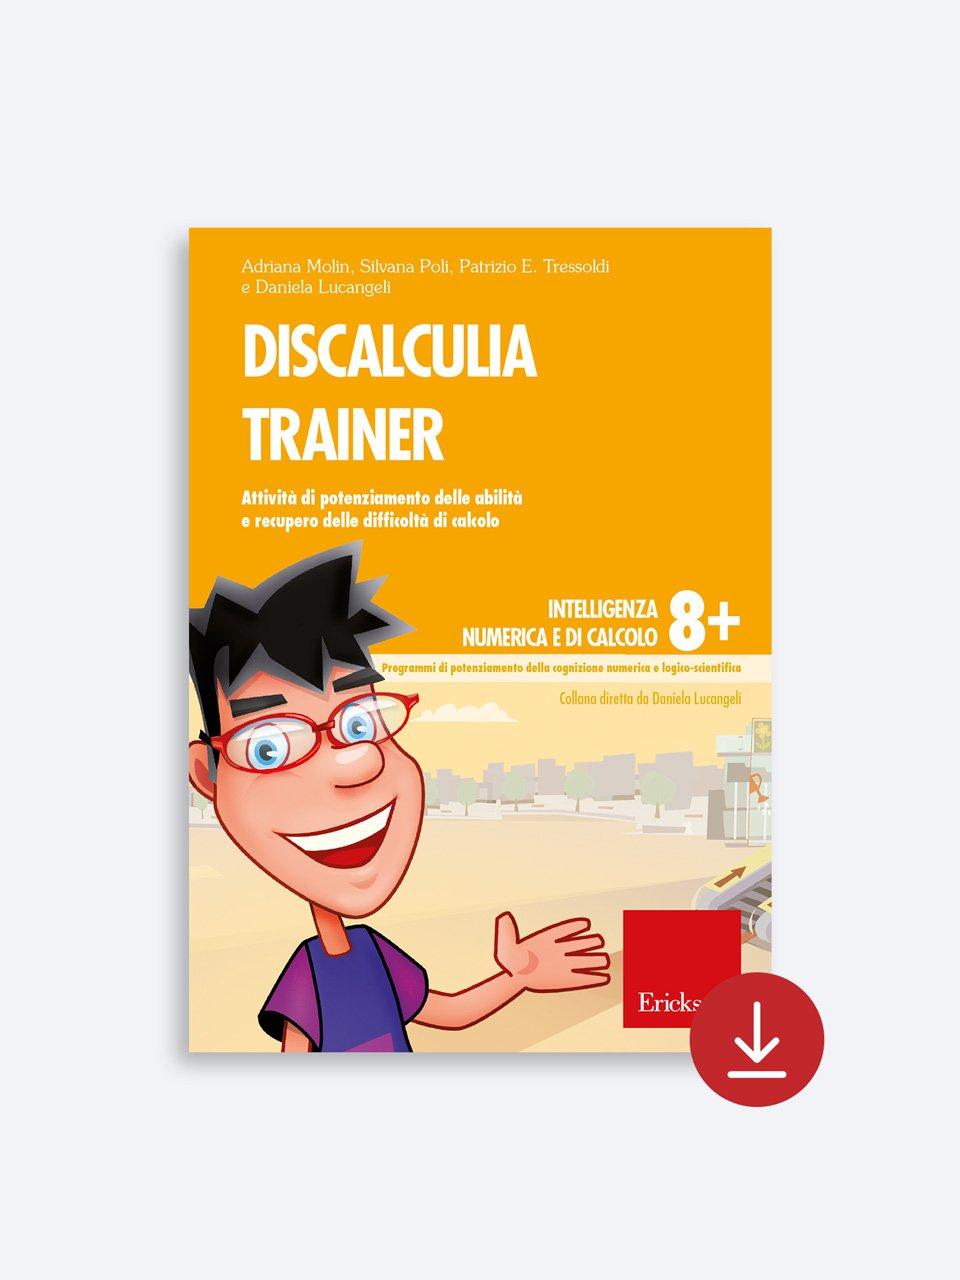 Discalculia trainer - Equivalenze MAXI - Strumenti - Erickson 2